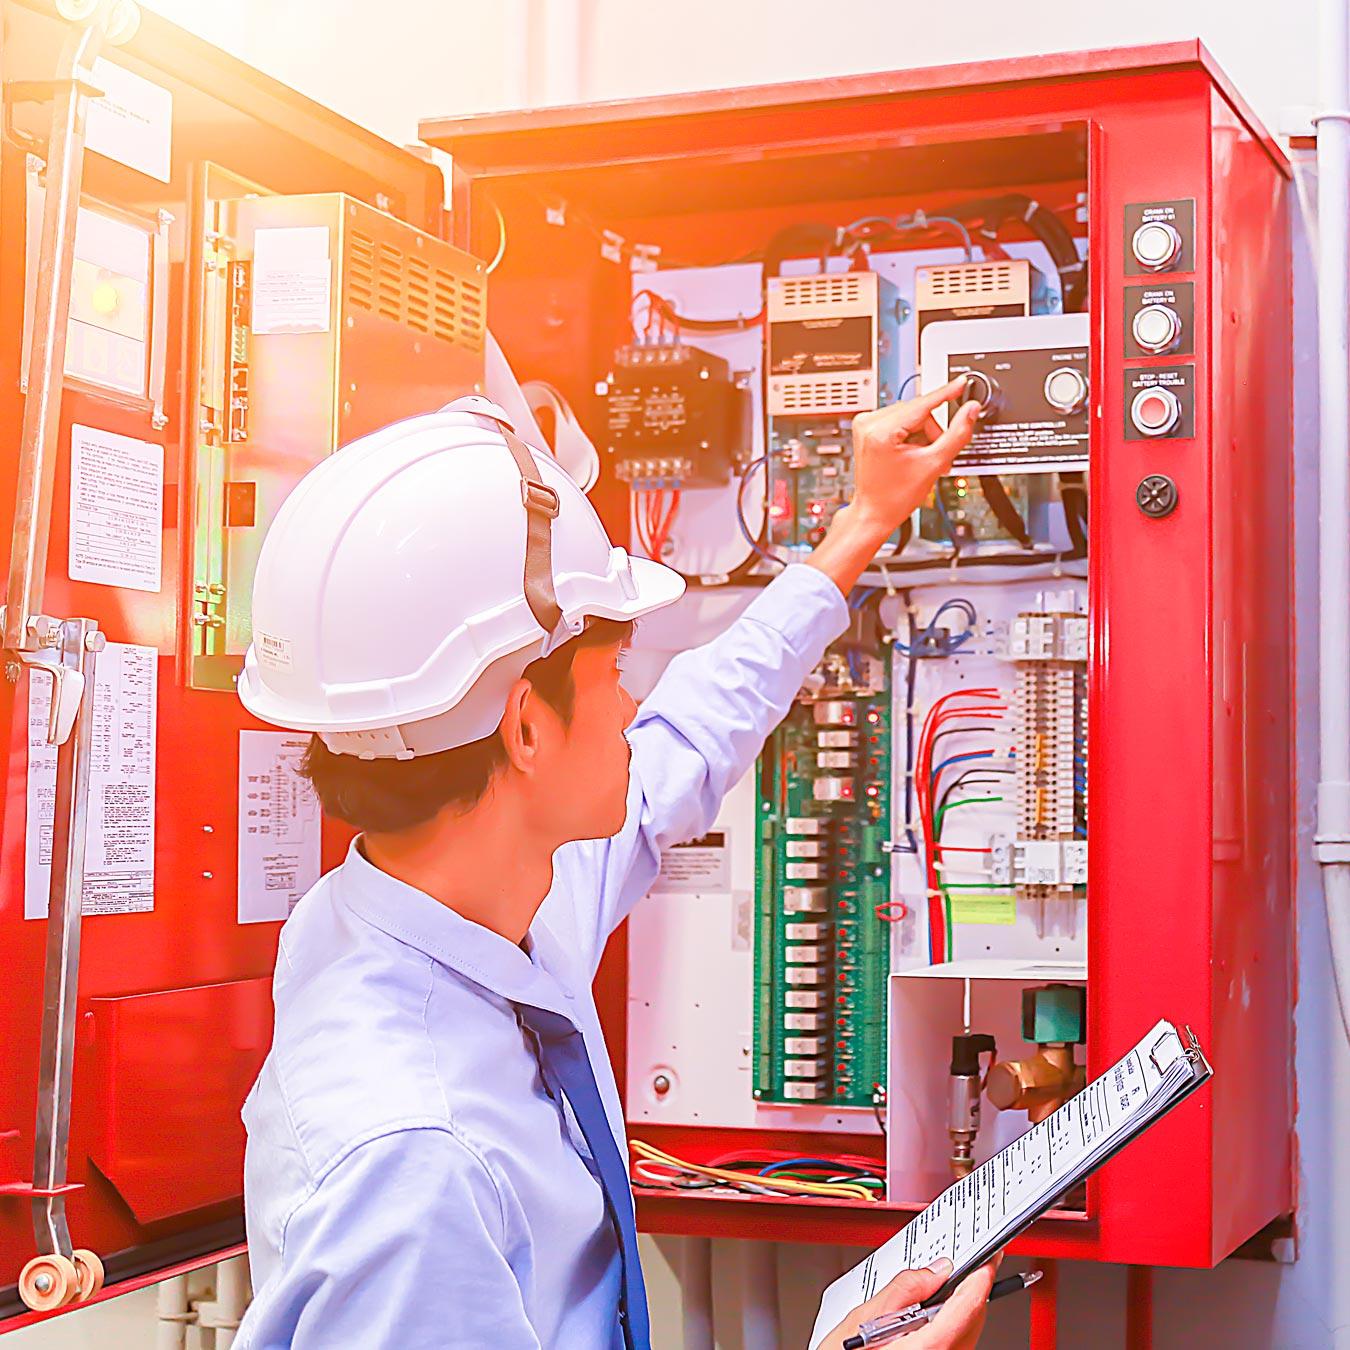 Engenharia de Prevenção Contra Incêndio  - PUC Minas